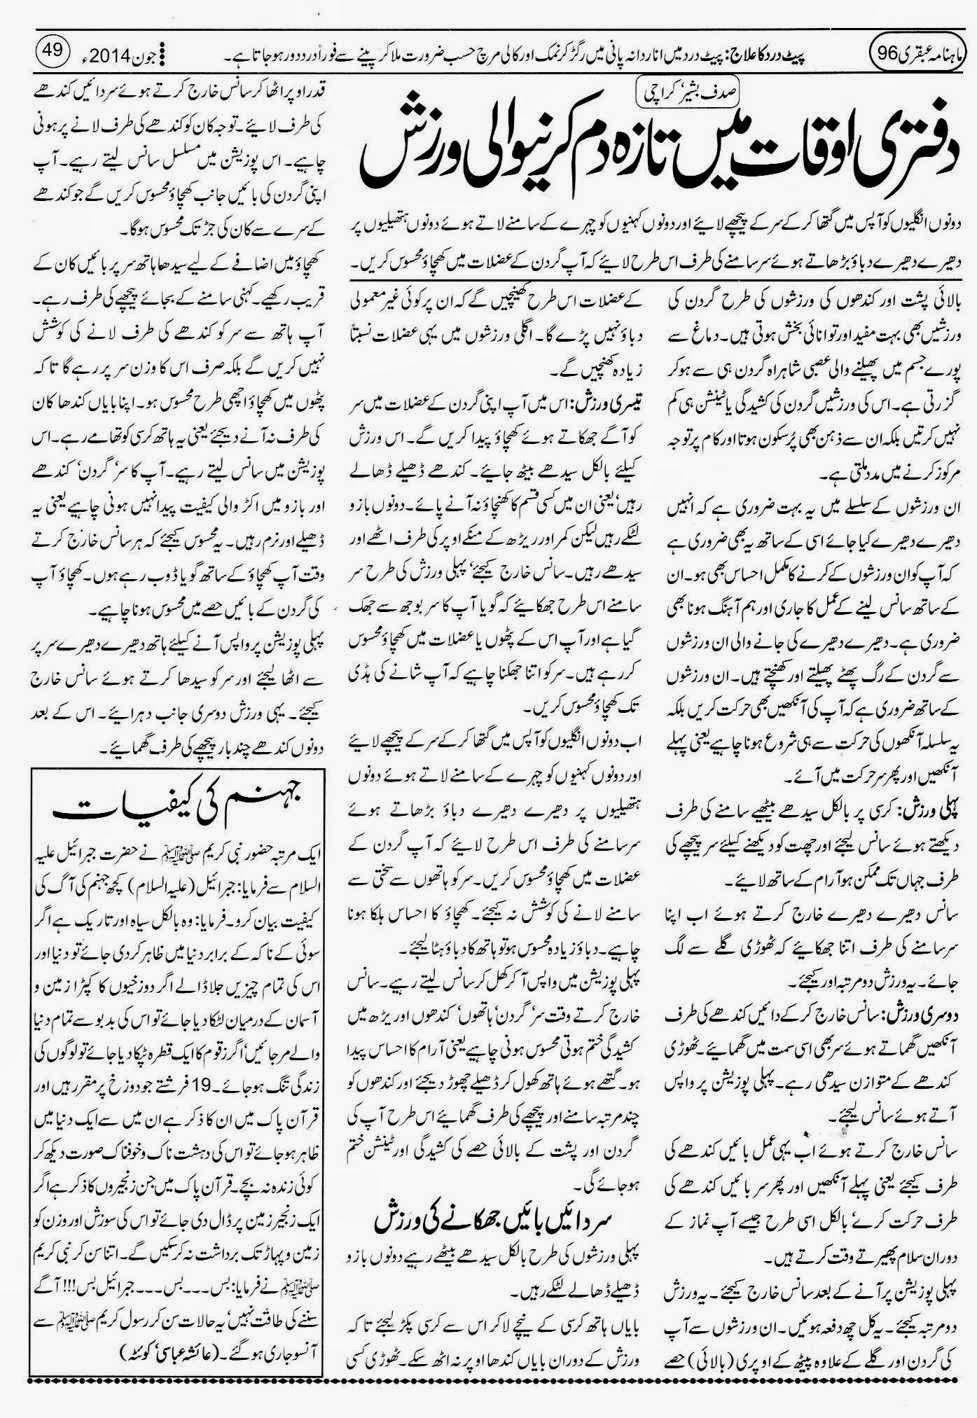 ubqari june 2014 page 49